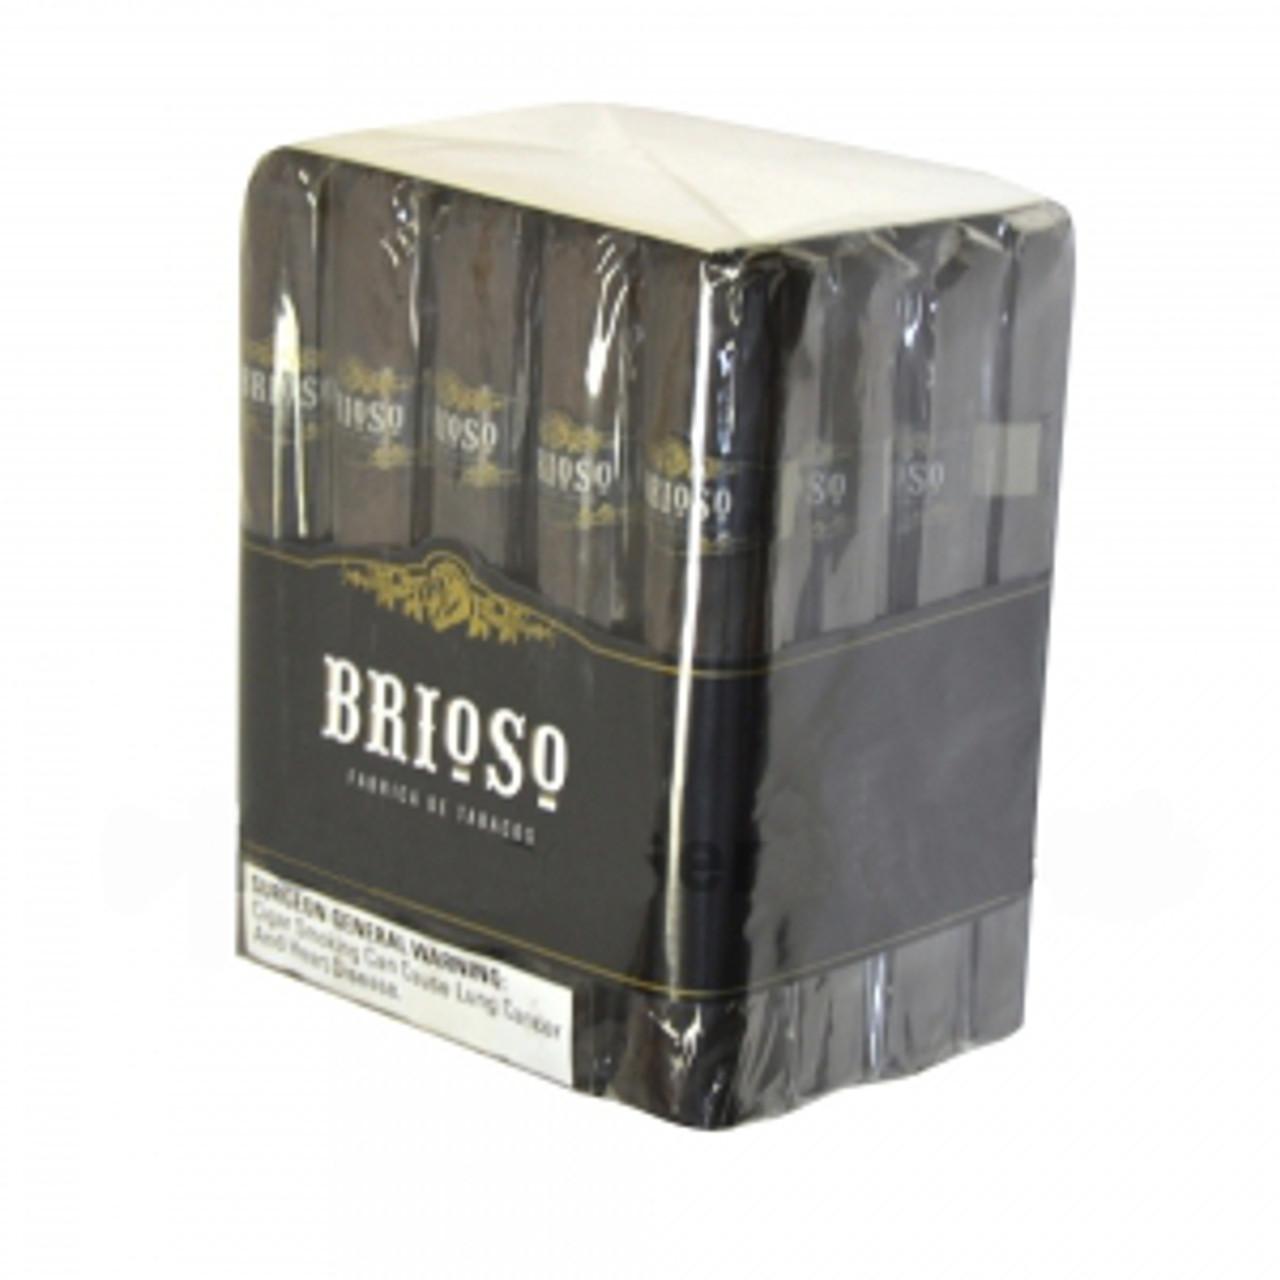 Brioso Gigante Maduro Cigars - 6 x 60 (Bundle of 20)